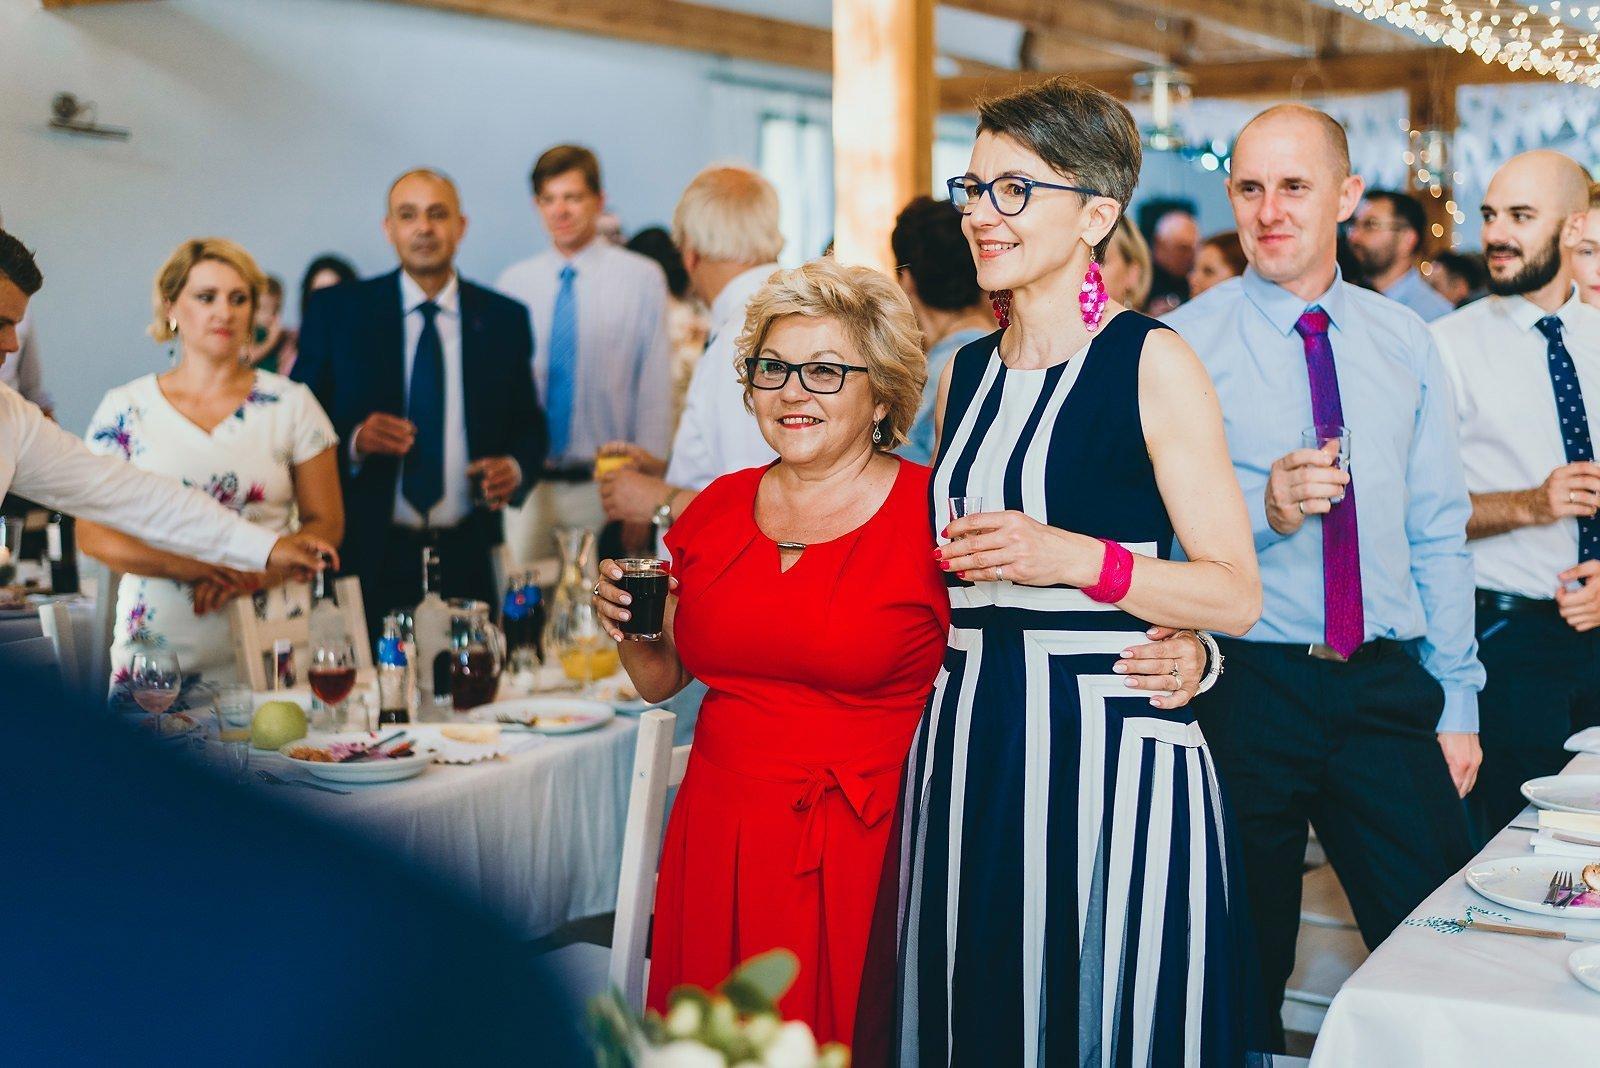 Justyna i Szymon - plenerowy ślub w stylu boho 59